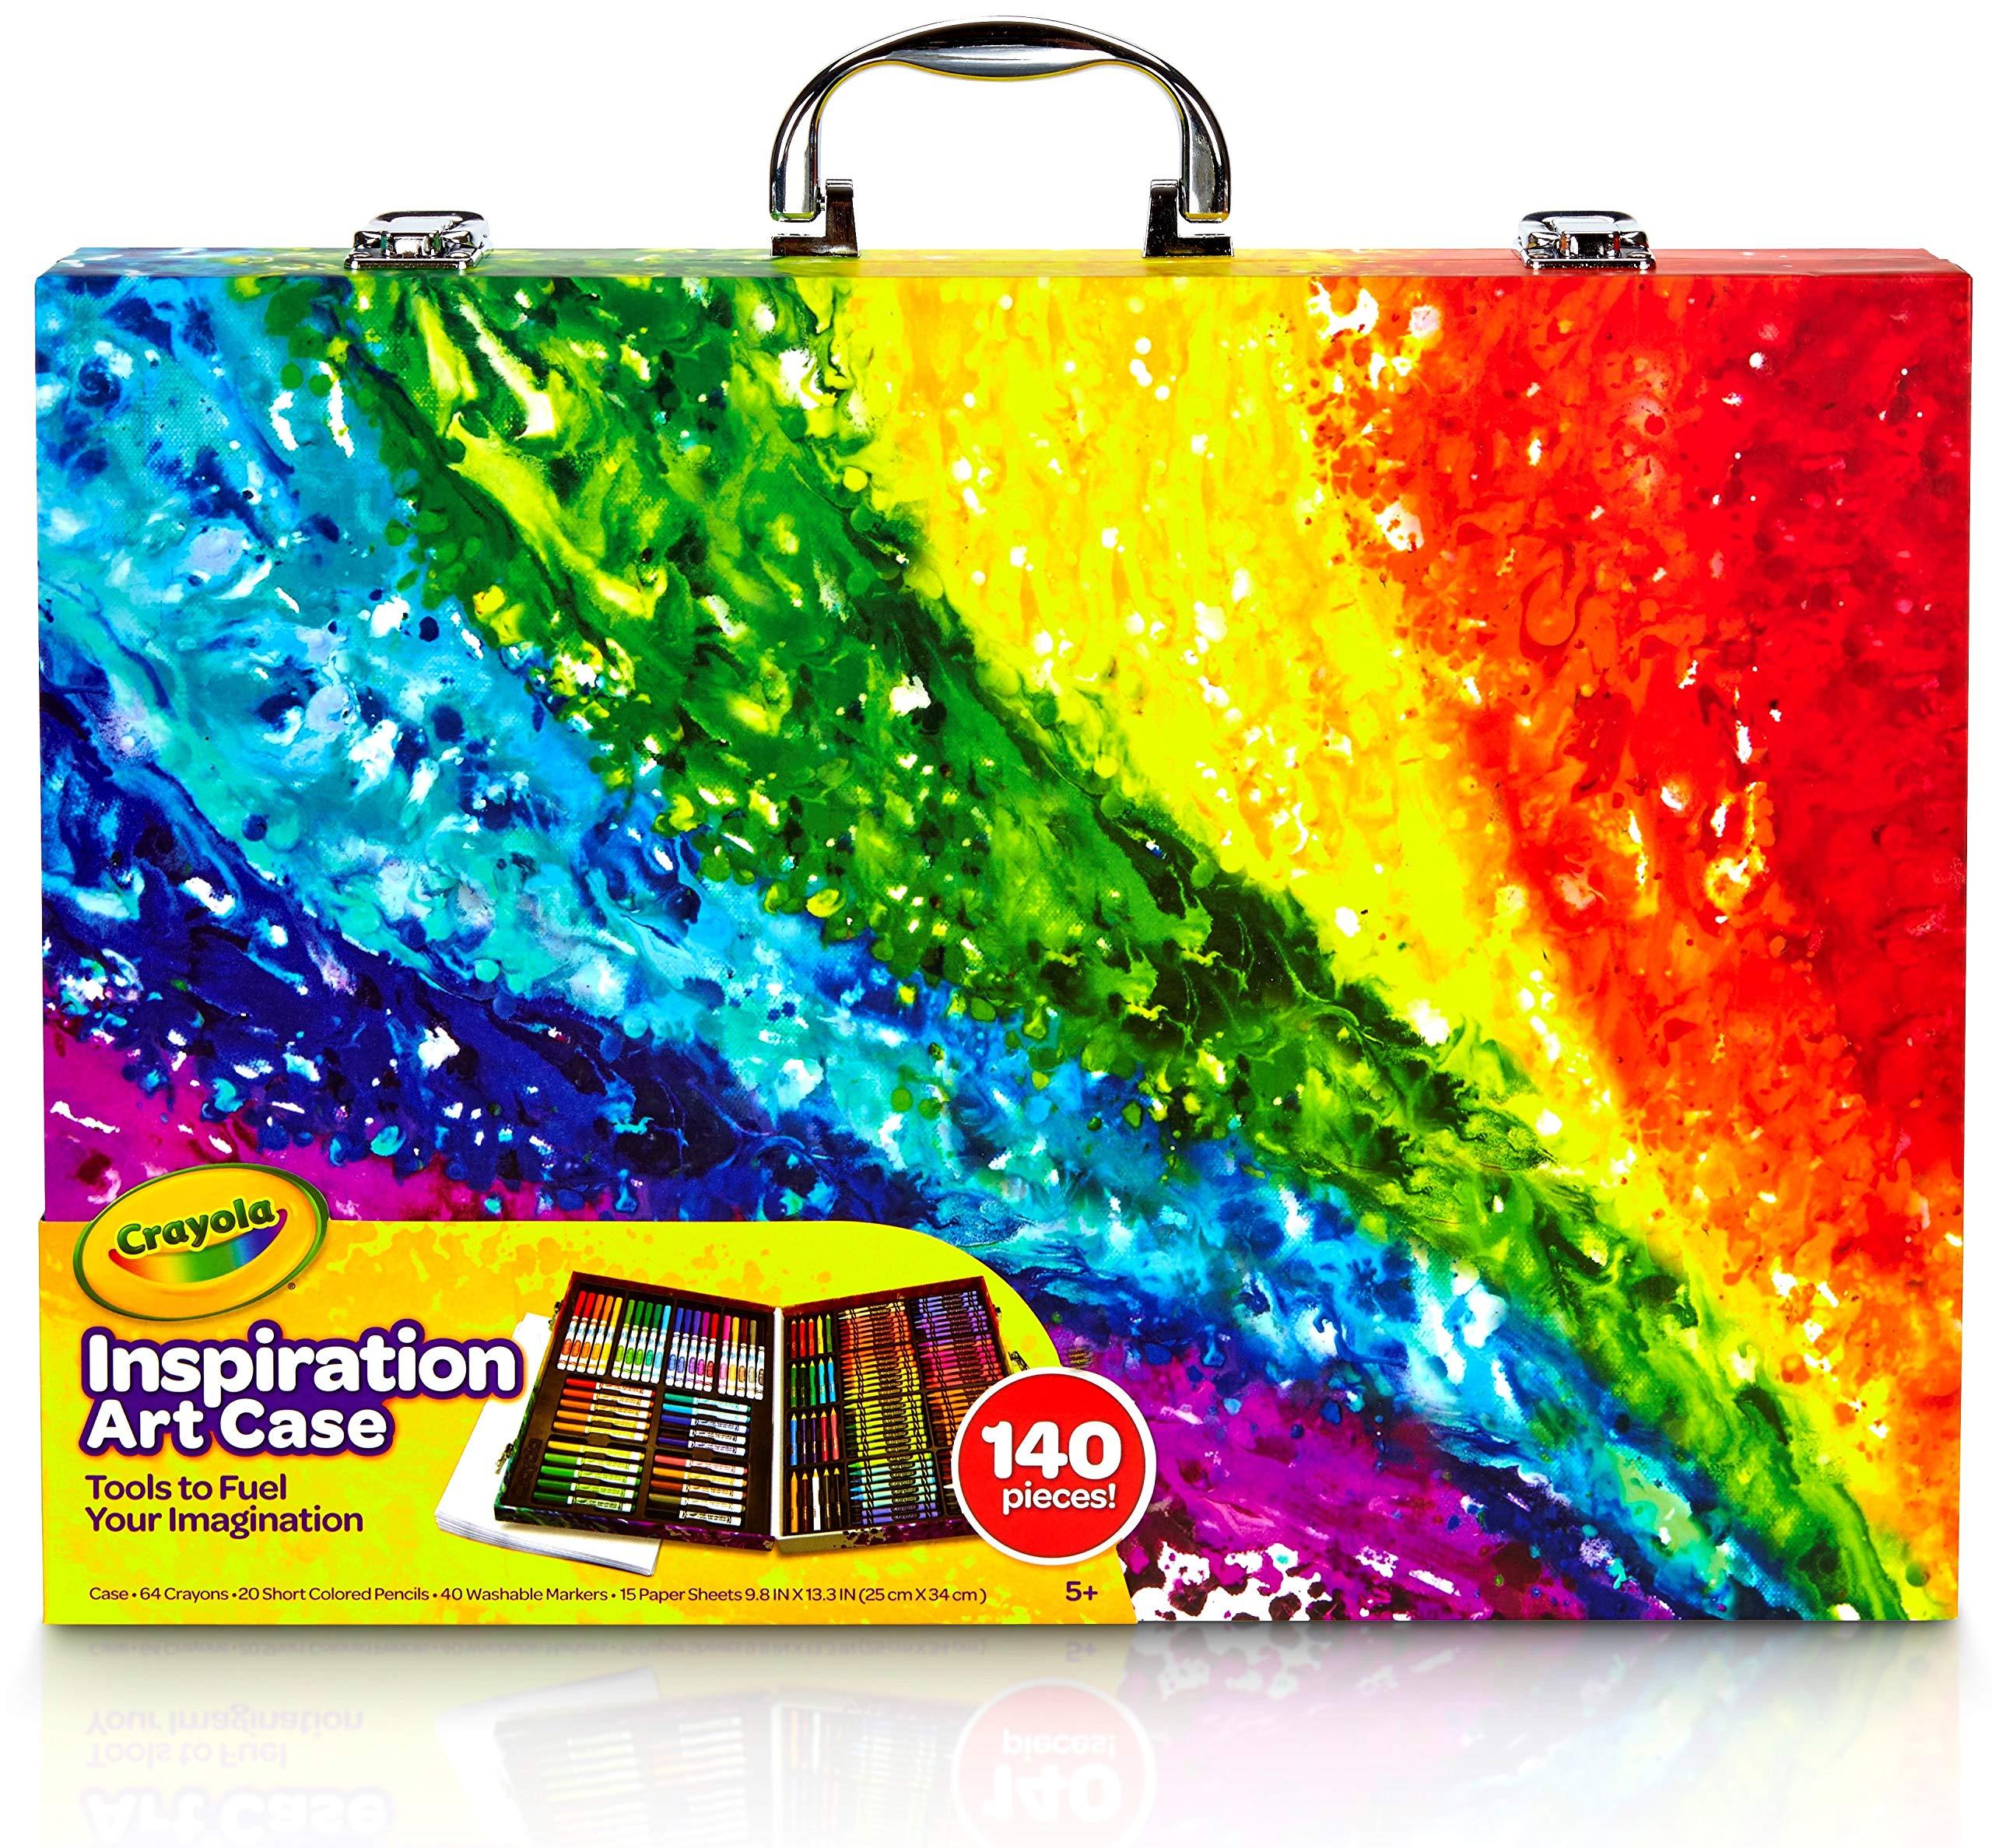 Crayola 绘儿乐 创意展现艺术珍藏礼盒 儿童绘画工具箱 140件装(适用年龄:4岁以上)(版本随机发货)